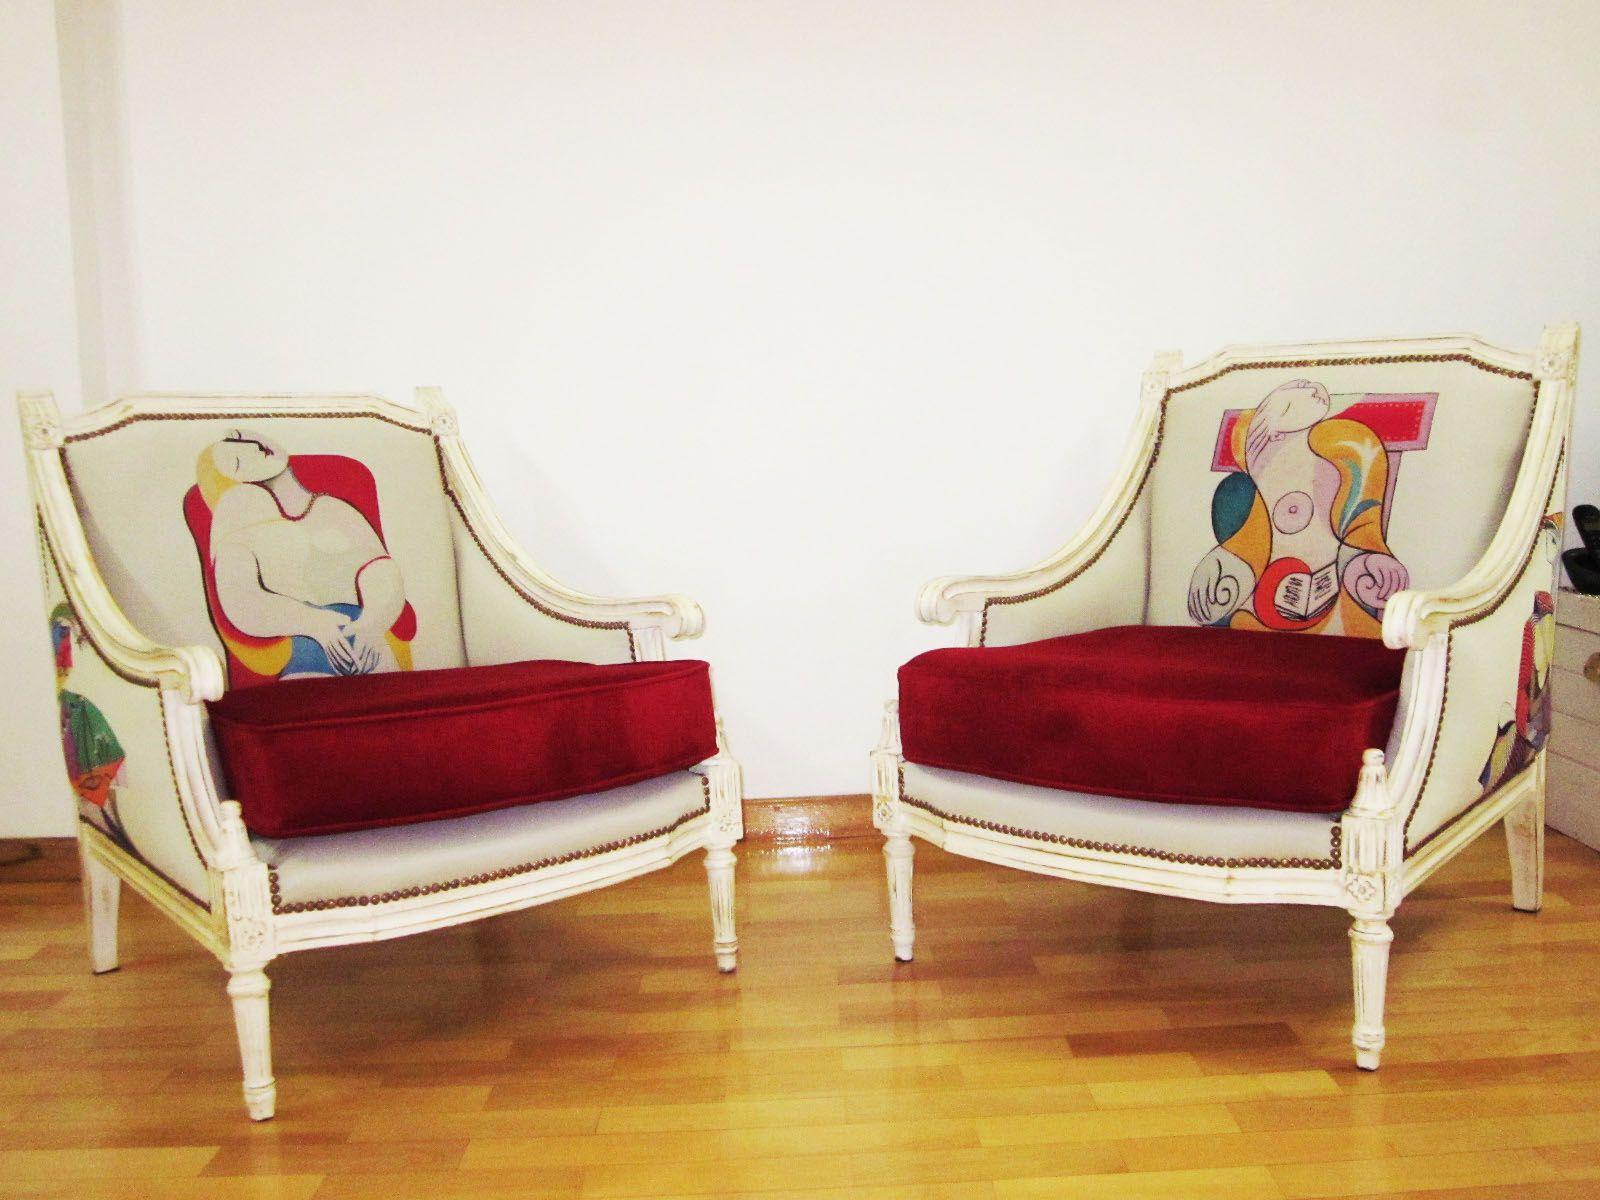 Sillones luis xv creaci n estampares tapizados originales for Telas para sillones